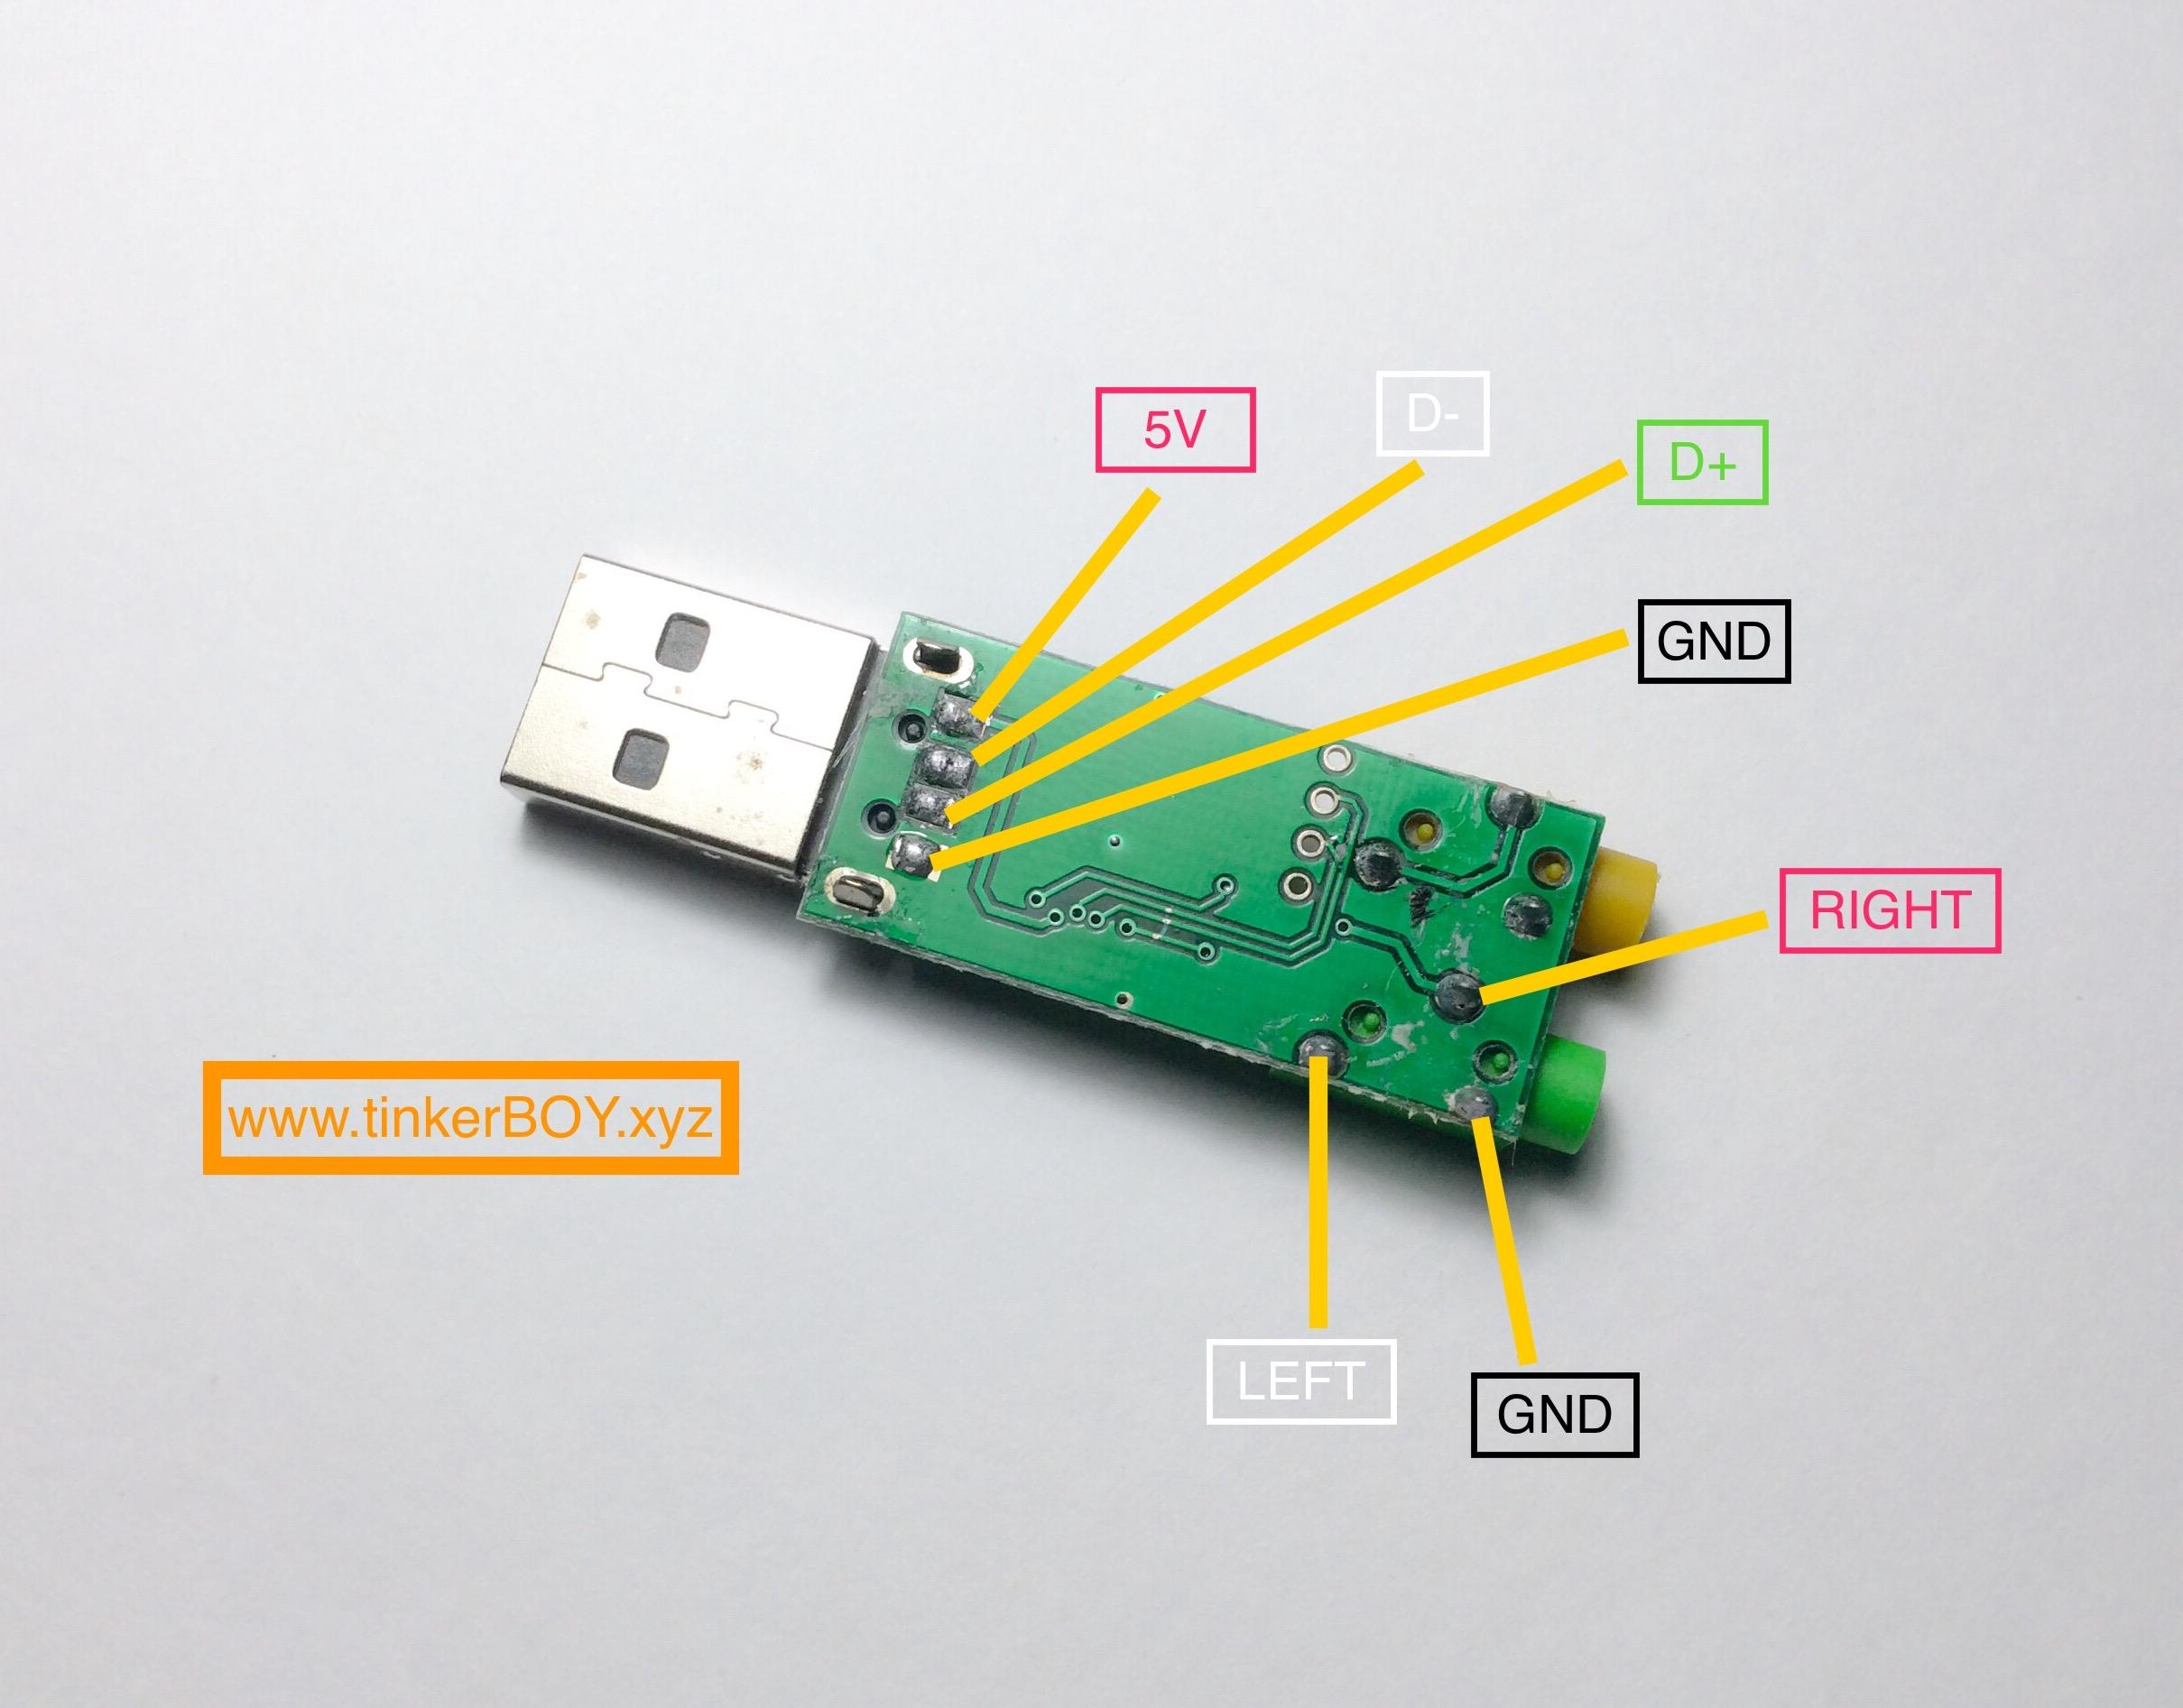 USB Archives - tinkerBOY [ 1893 x 2419 Pixel ]